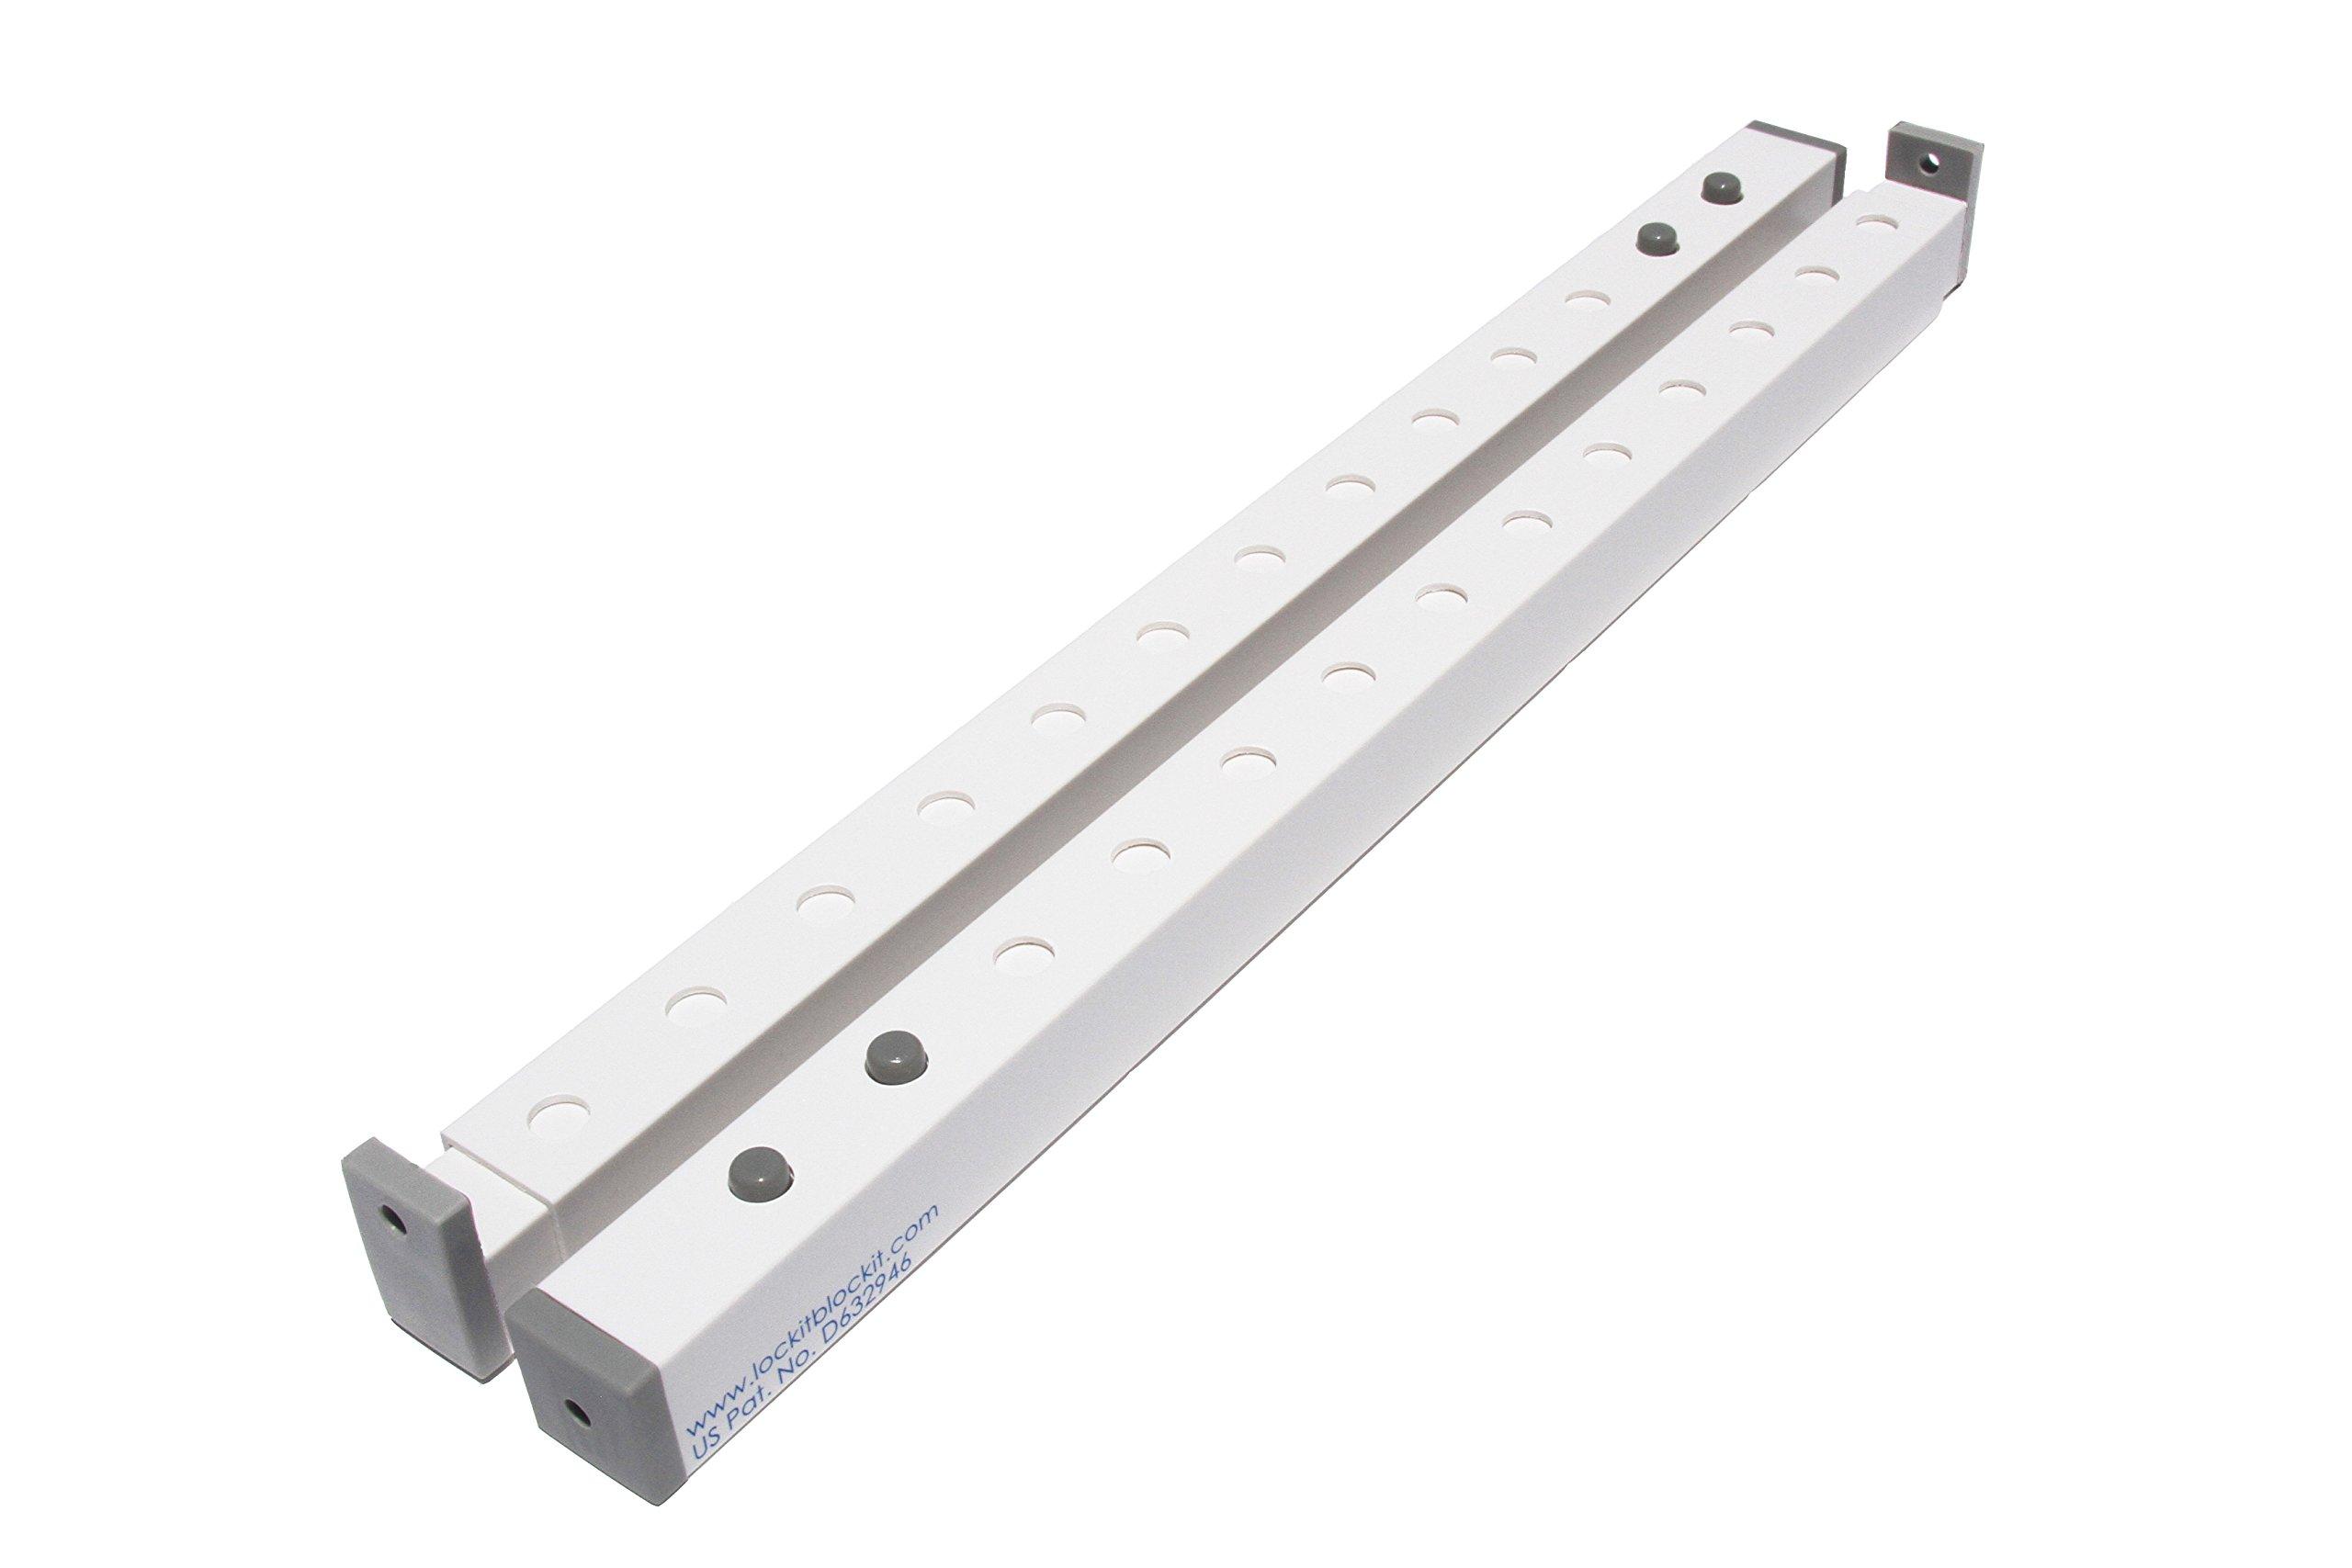 Lock-it Block-it - Home Security Window Bars - 2 Pack by Lock-it Block-it